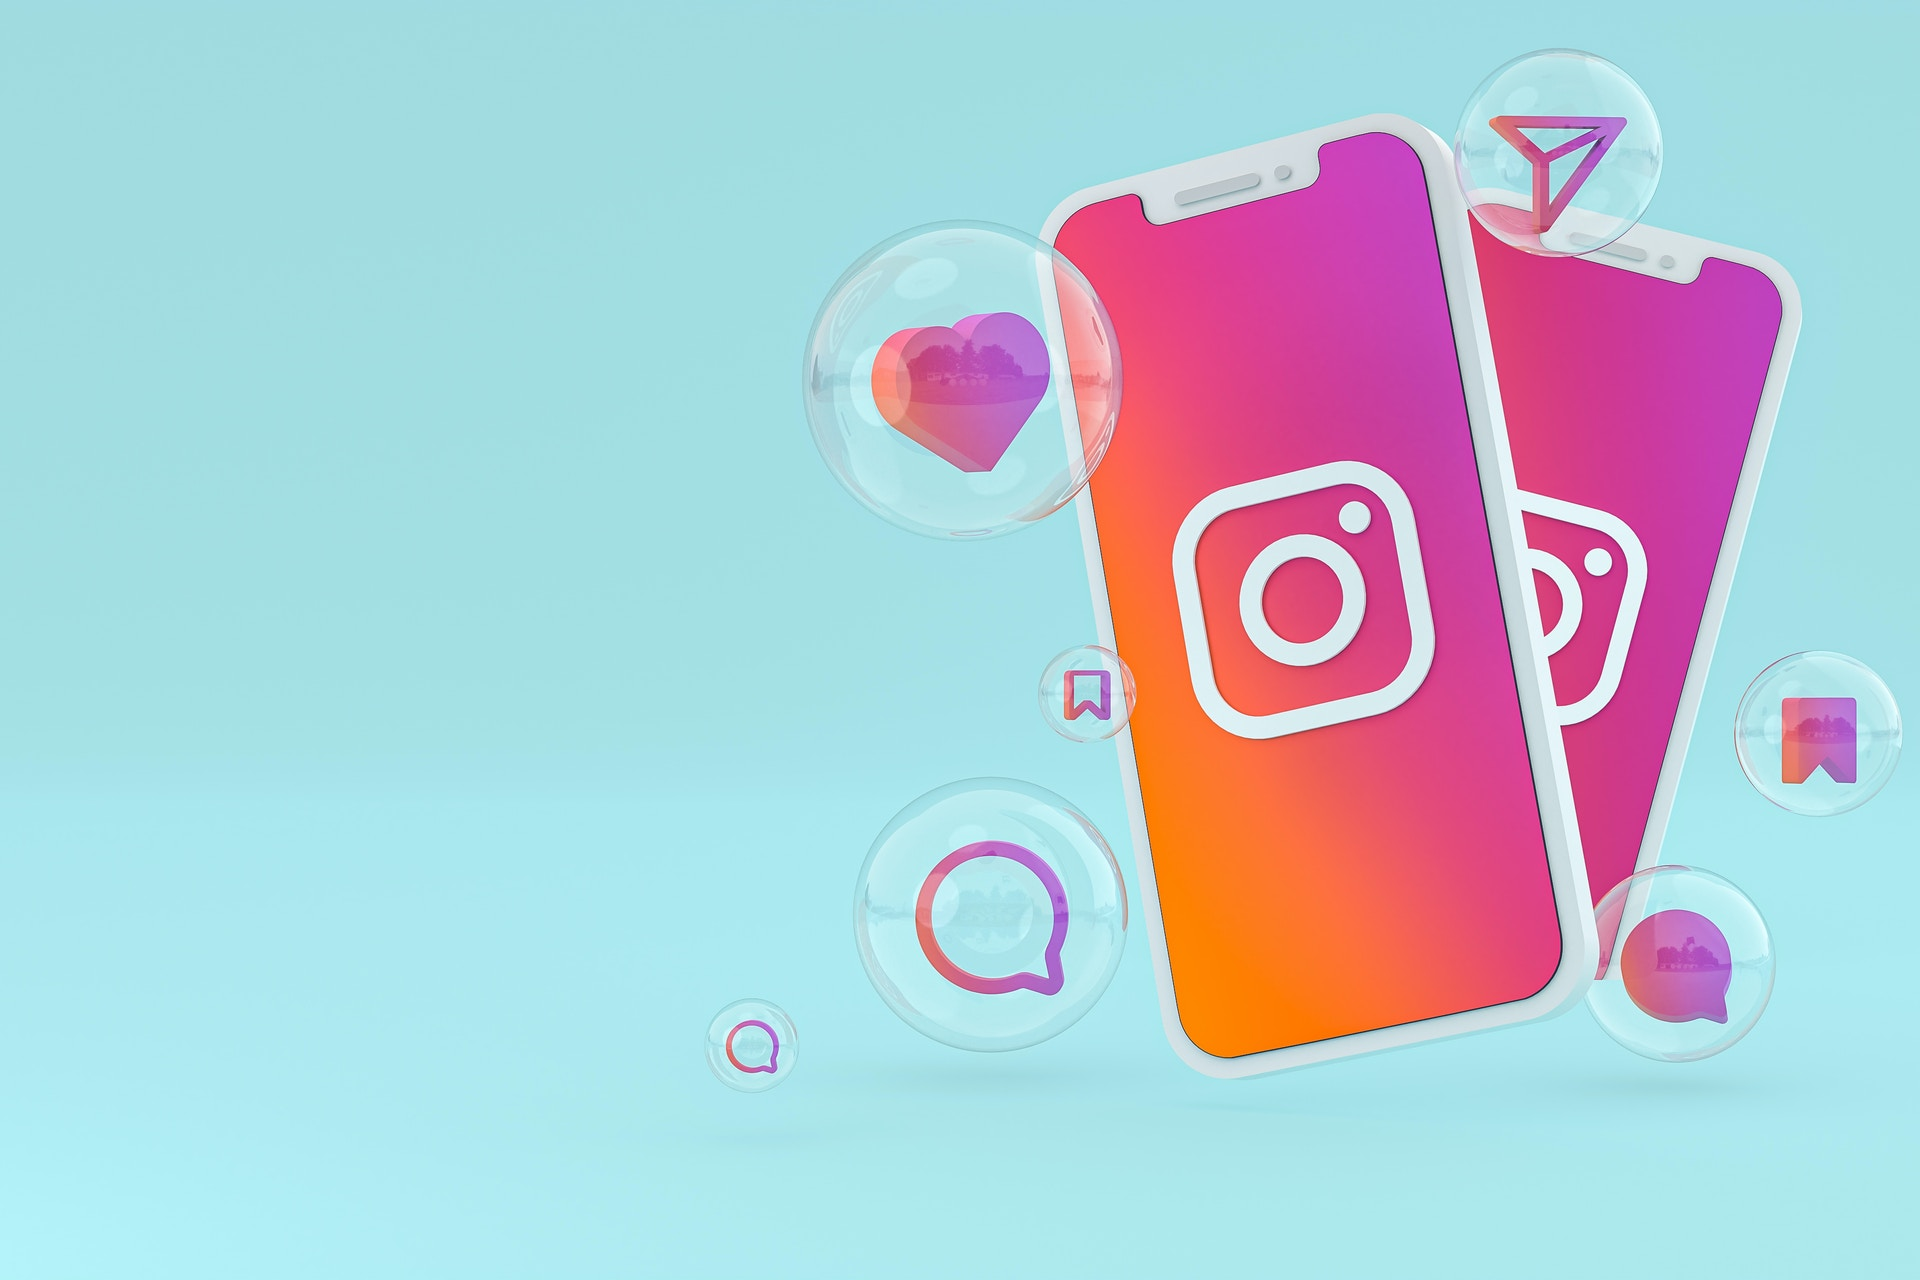 Hellblauer Hintergrund, 2 Iphones mit dem Instagram Logo und rot/orangenen Hintergrund, verschiedene Icons in Blasen um die Iphones